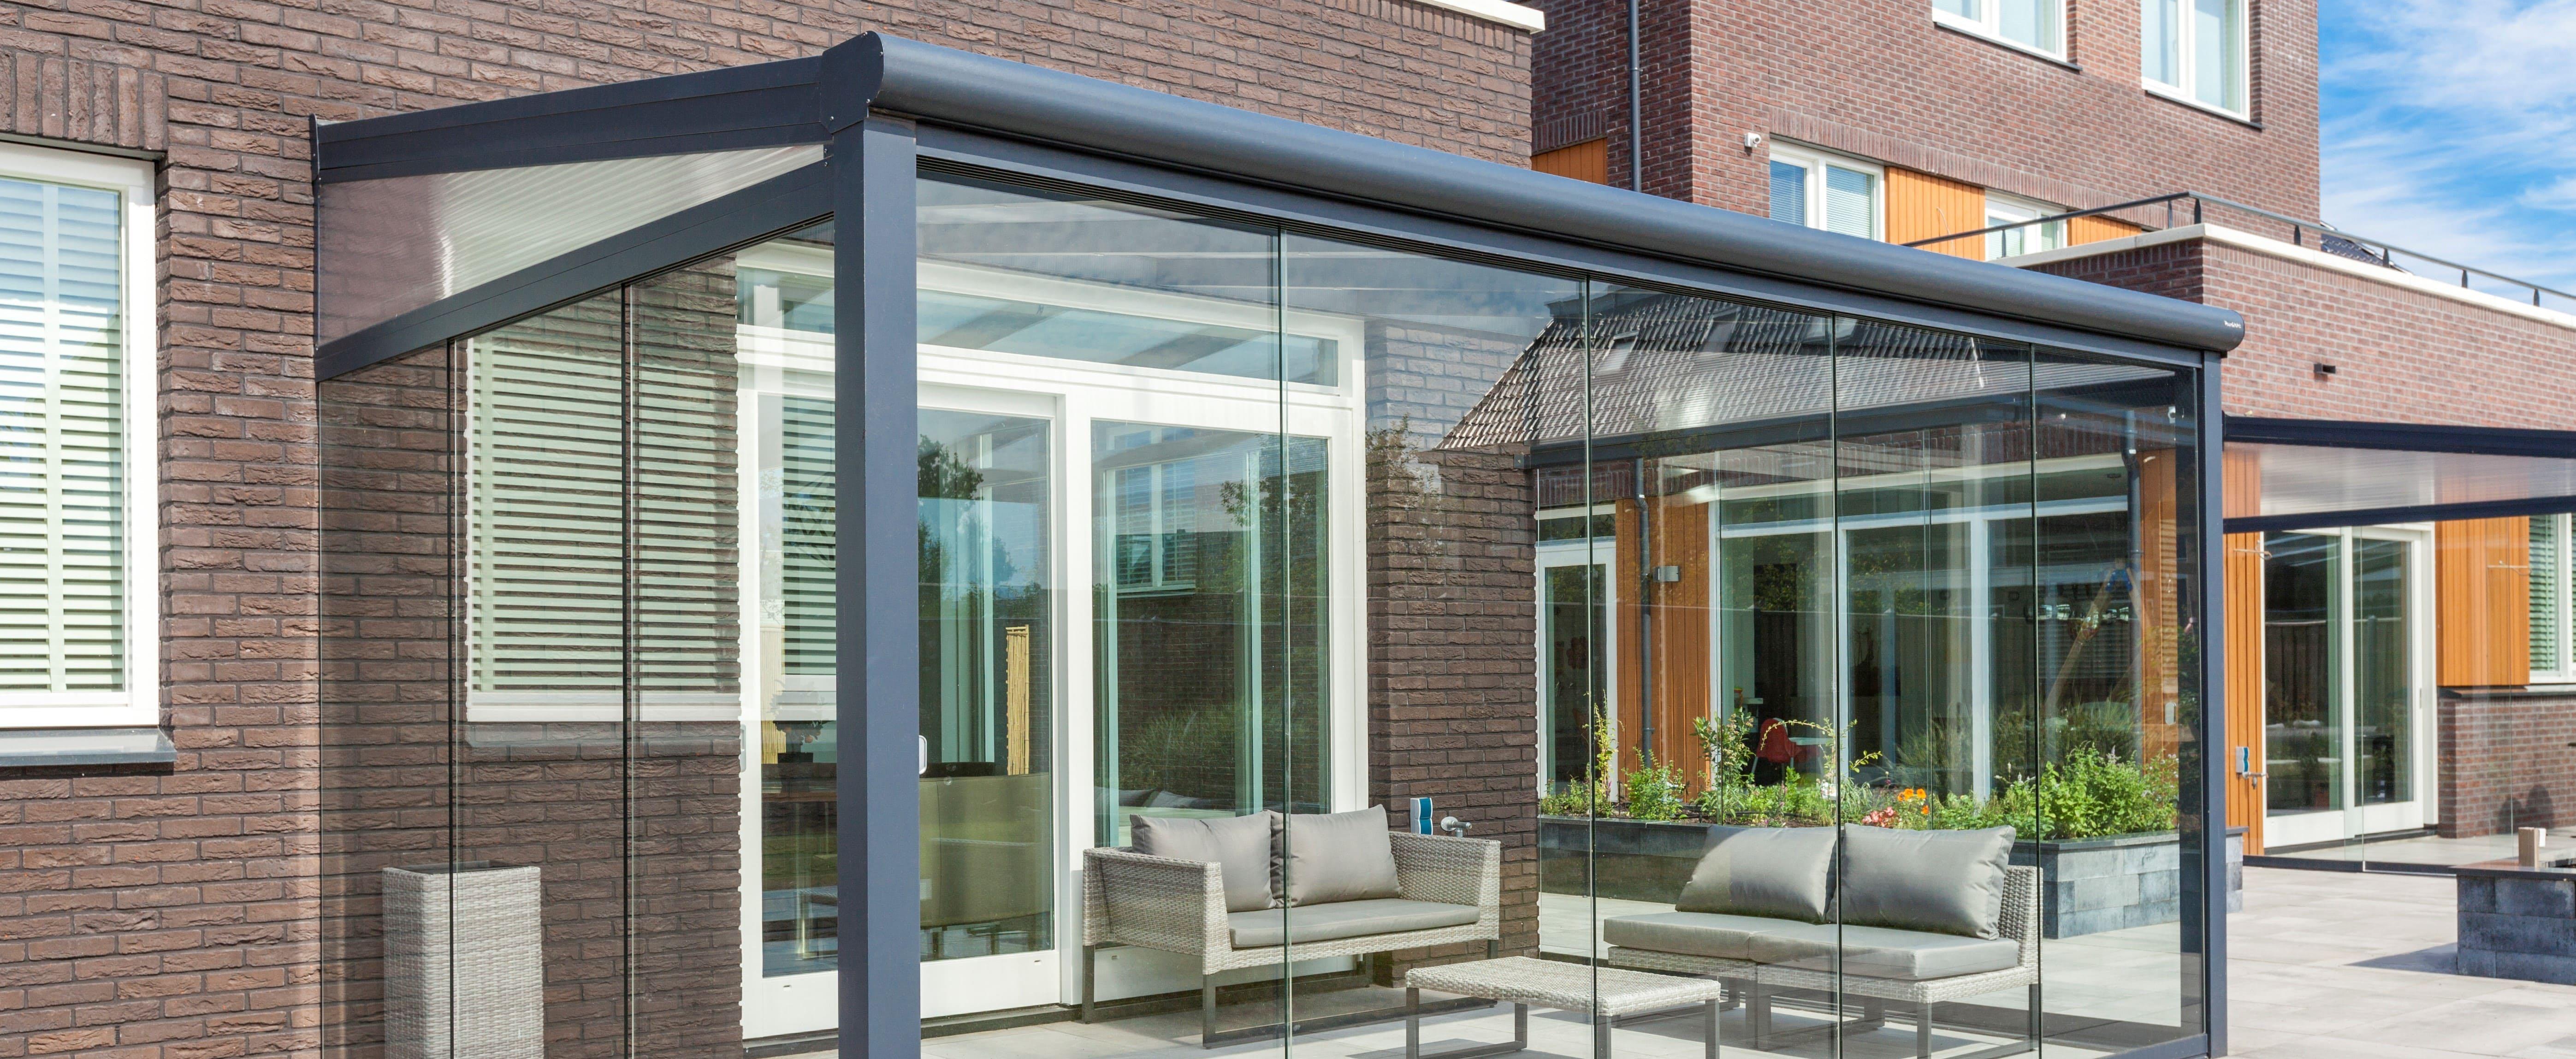 aluminium veranda cost southampton